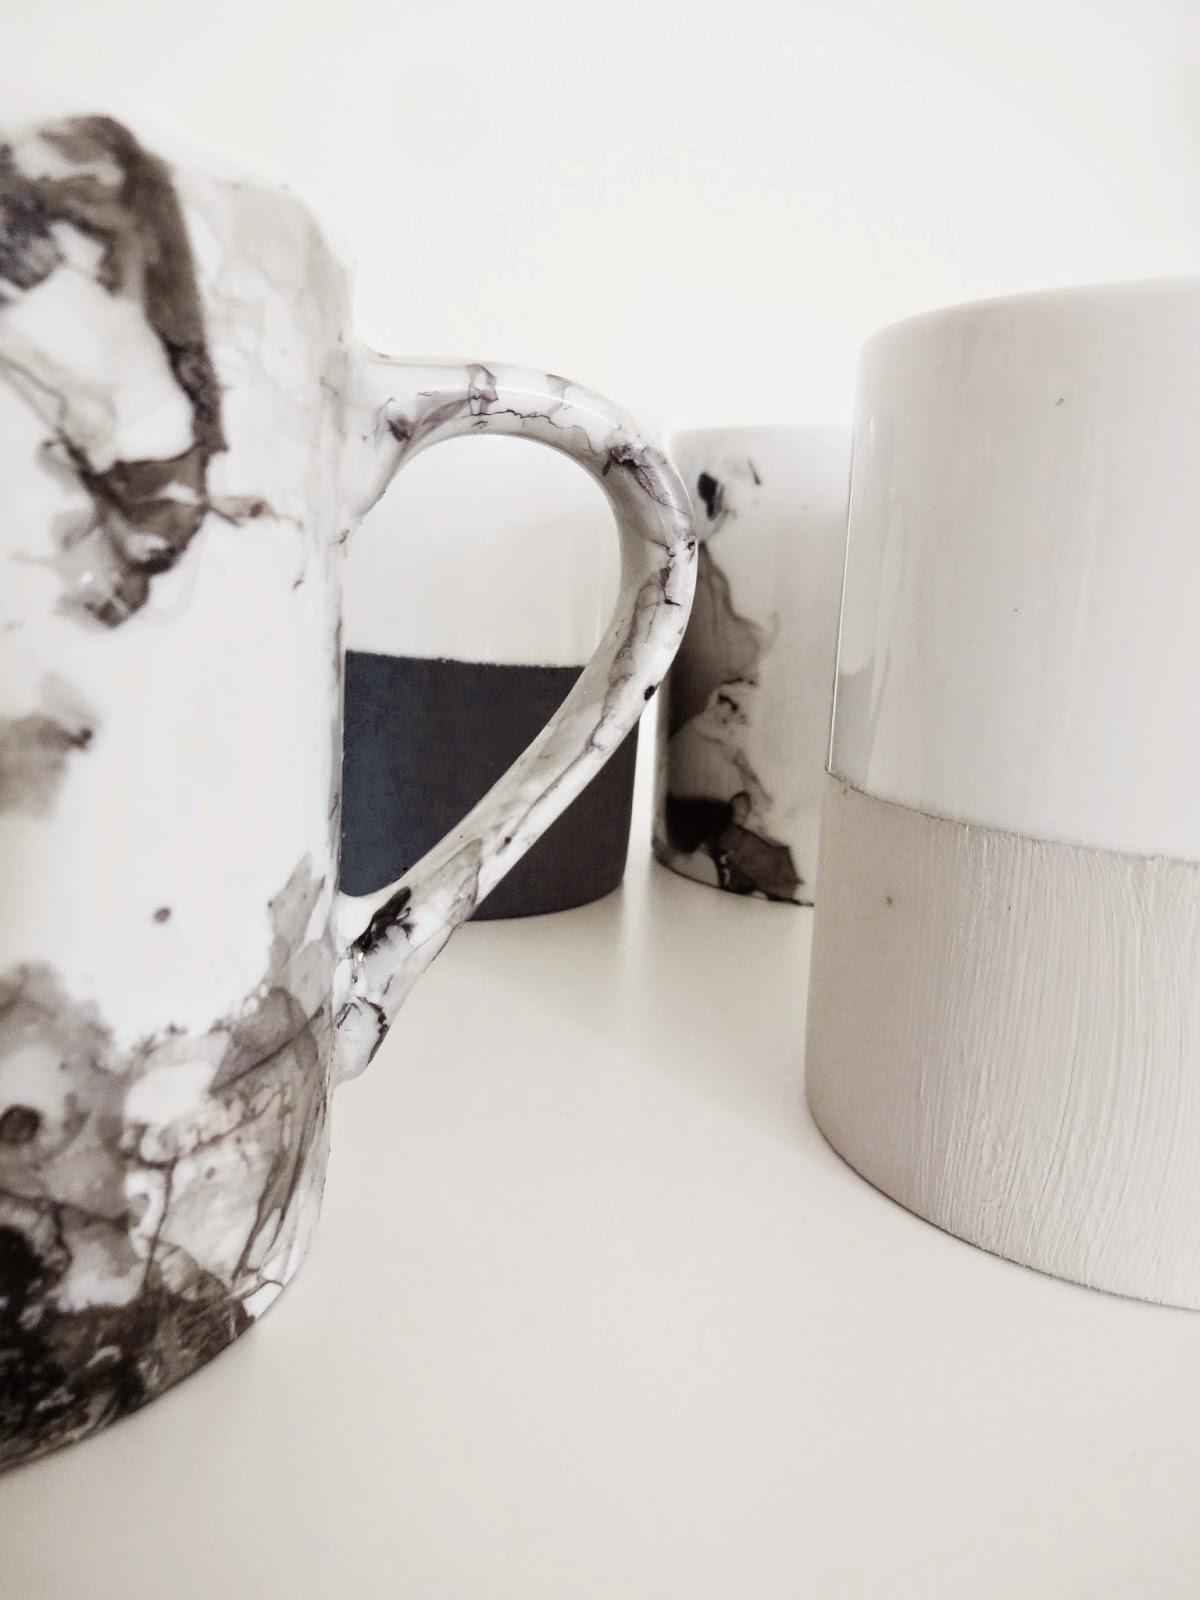 Basteln Malen Kuchen Backen Tassenverschonerung Mit Kreidfarbe Und